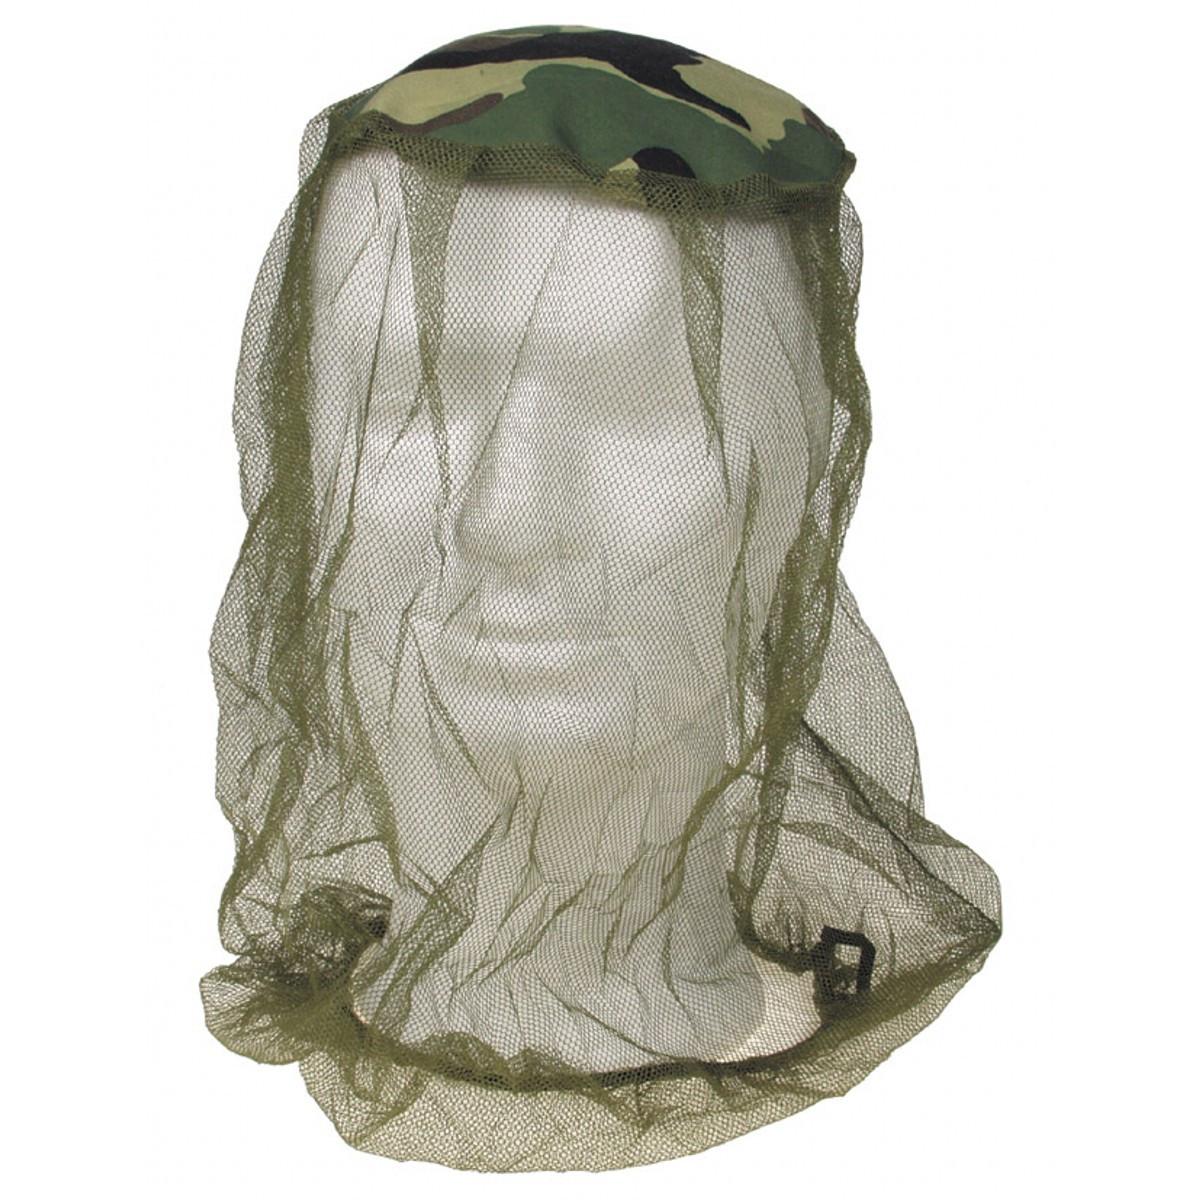 Сетка от комаров на голову MFH Mosquito Head Net